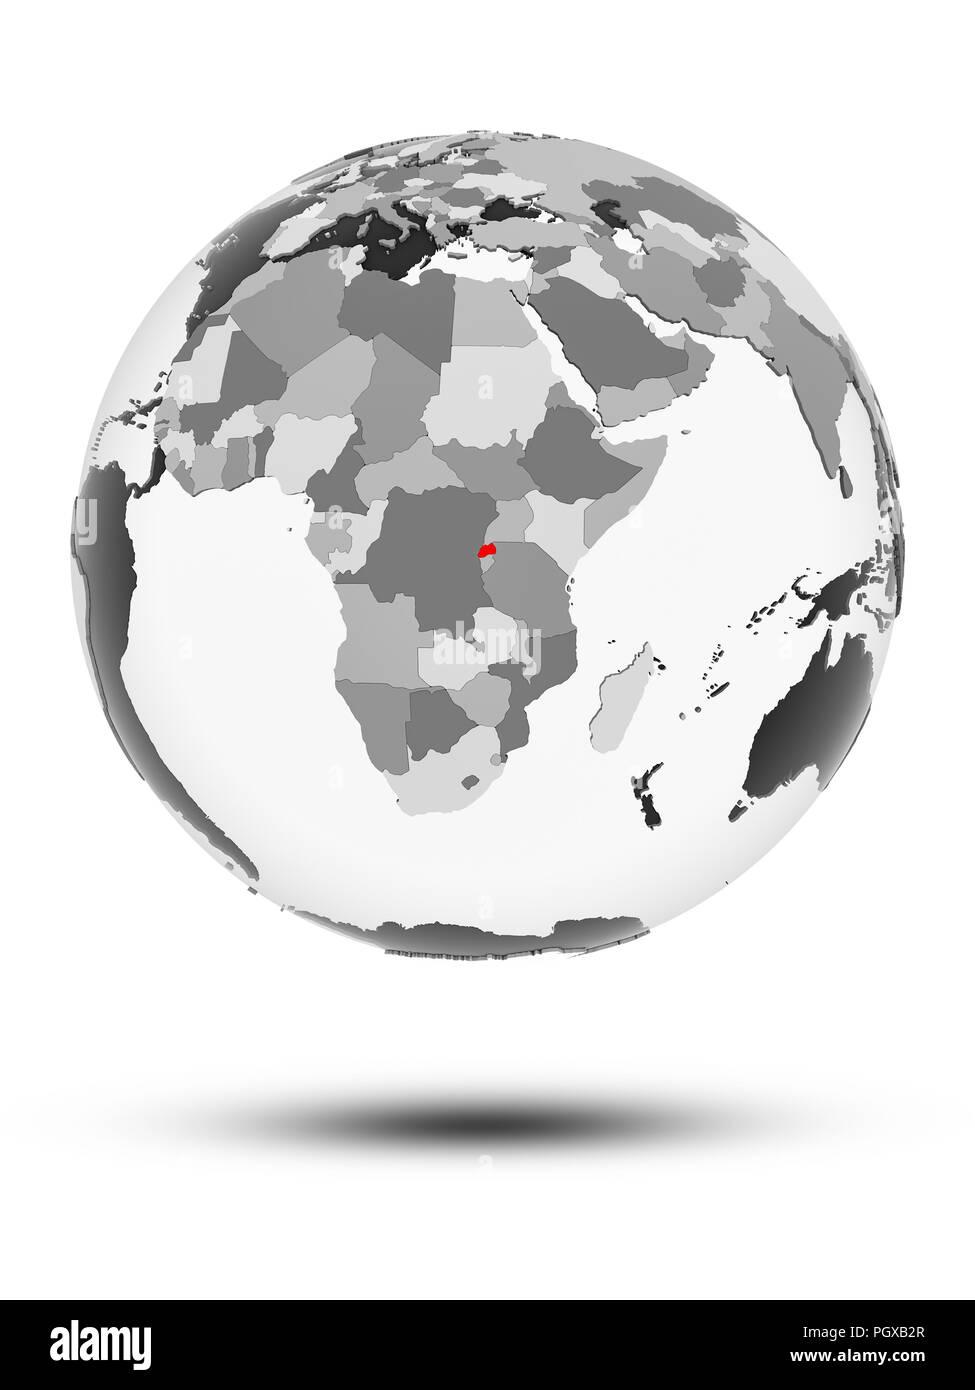 Rwanda on globe with translucent oceans isolated on white background. 3D illustration. - Stock Image